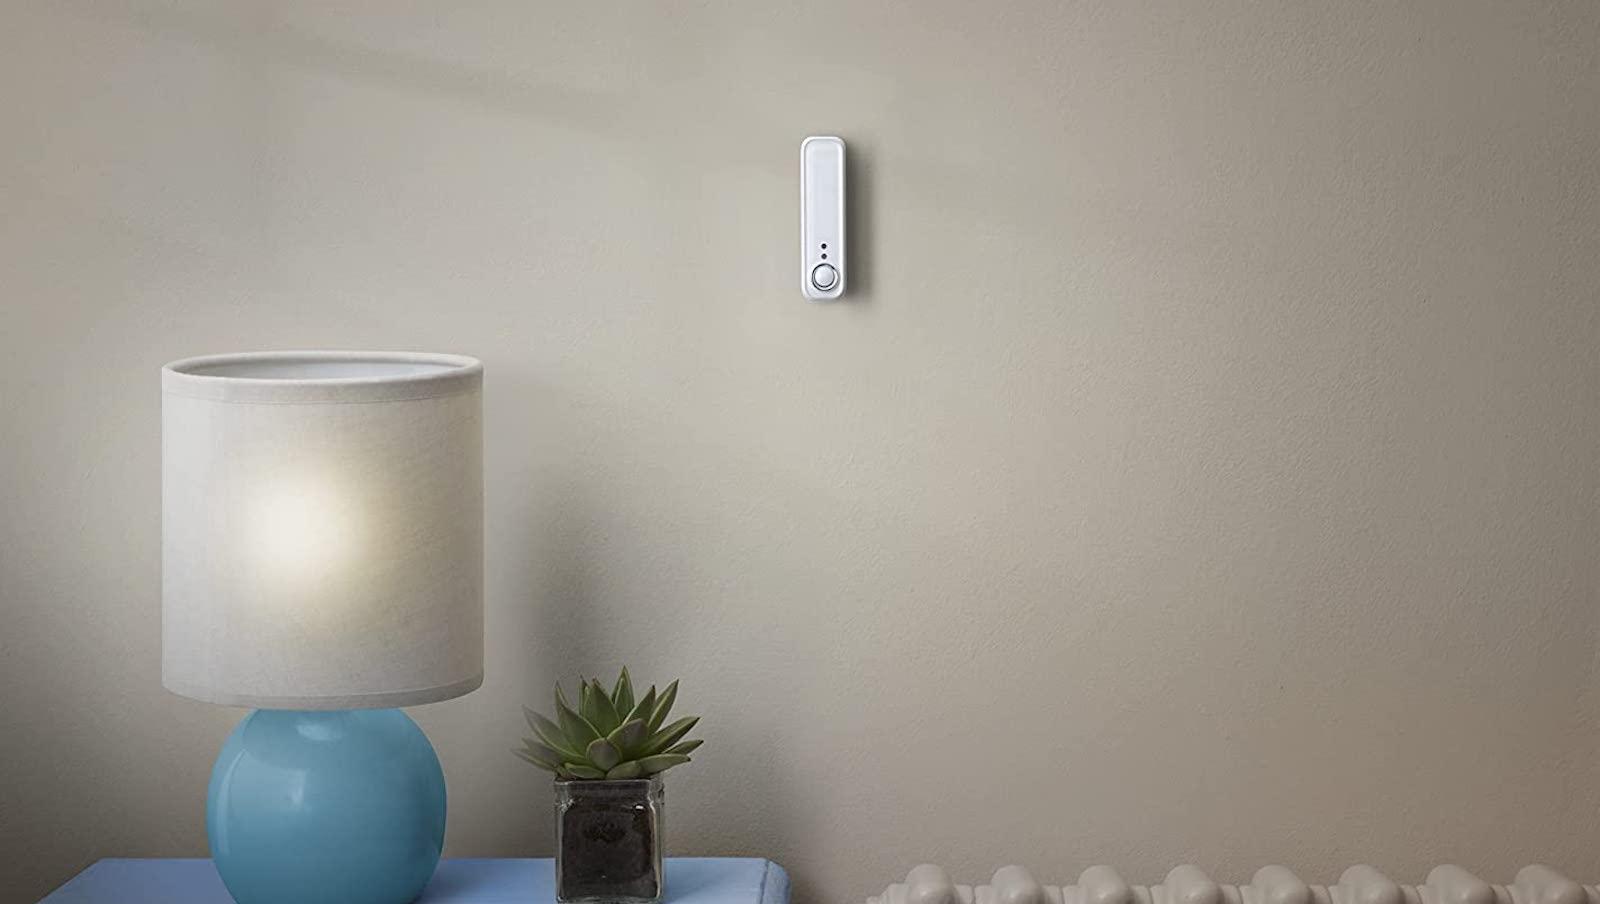 Hive-Motion-Sensor-Main.jpg